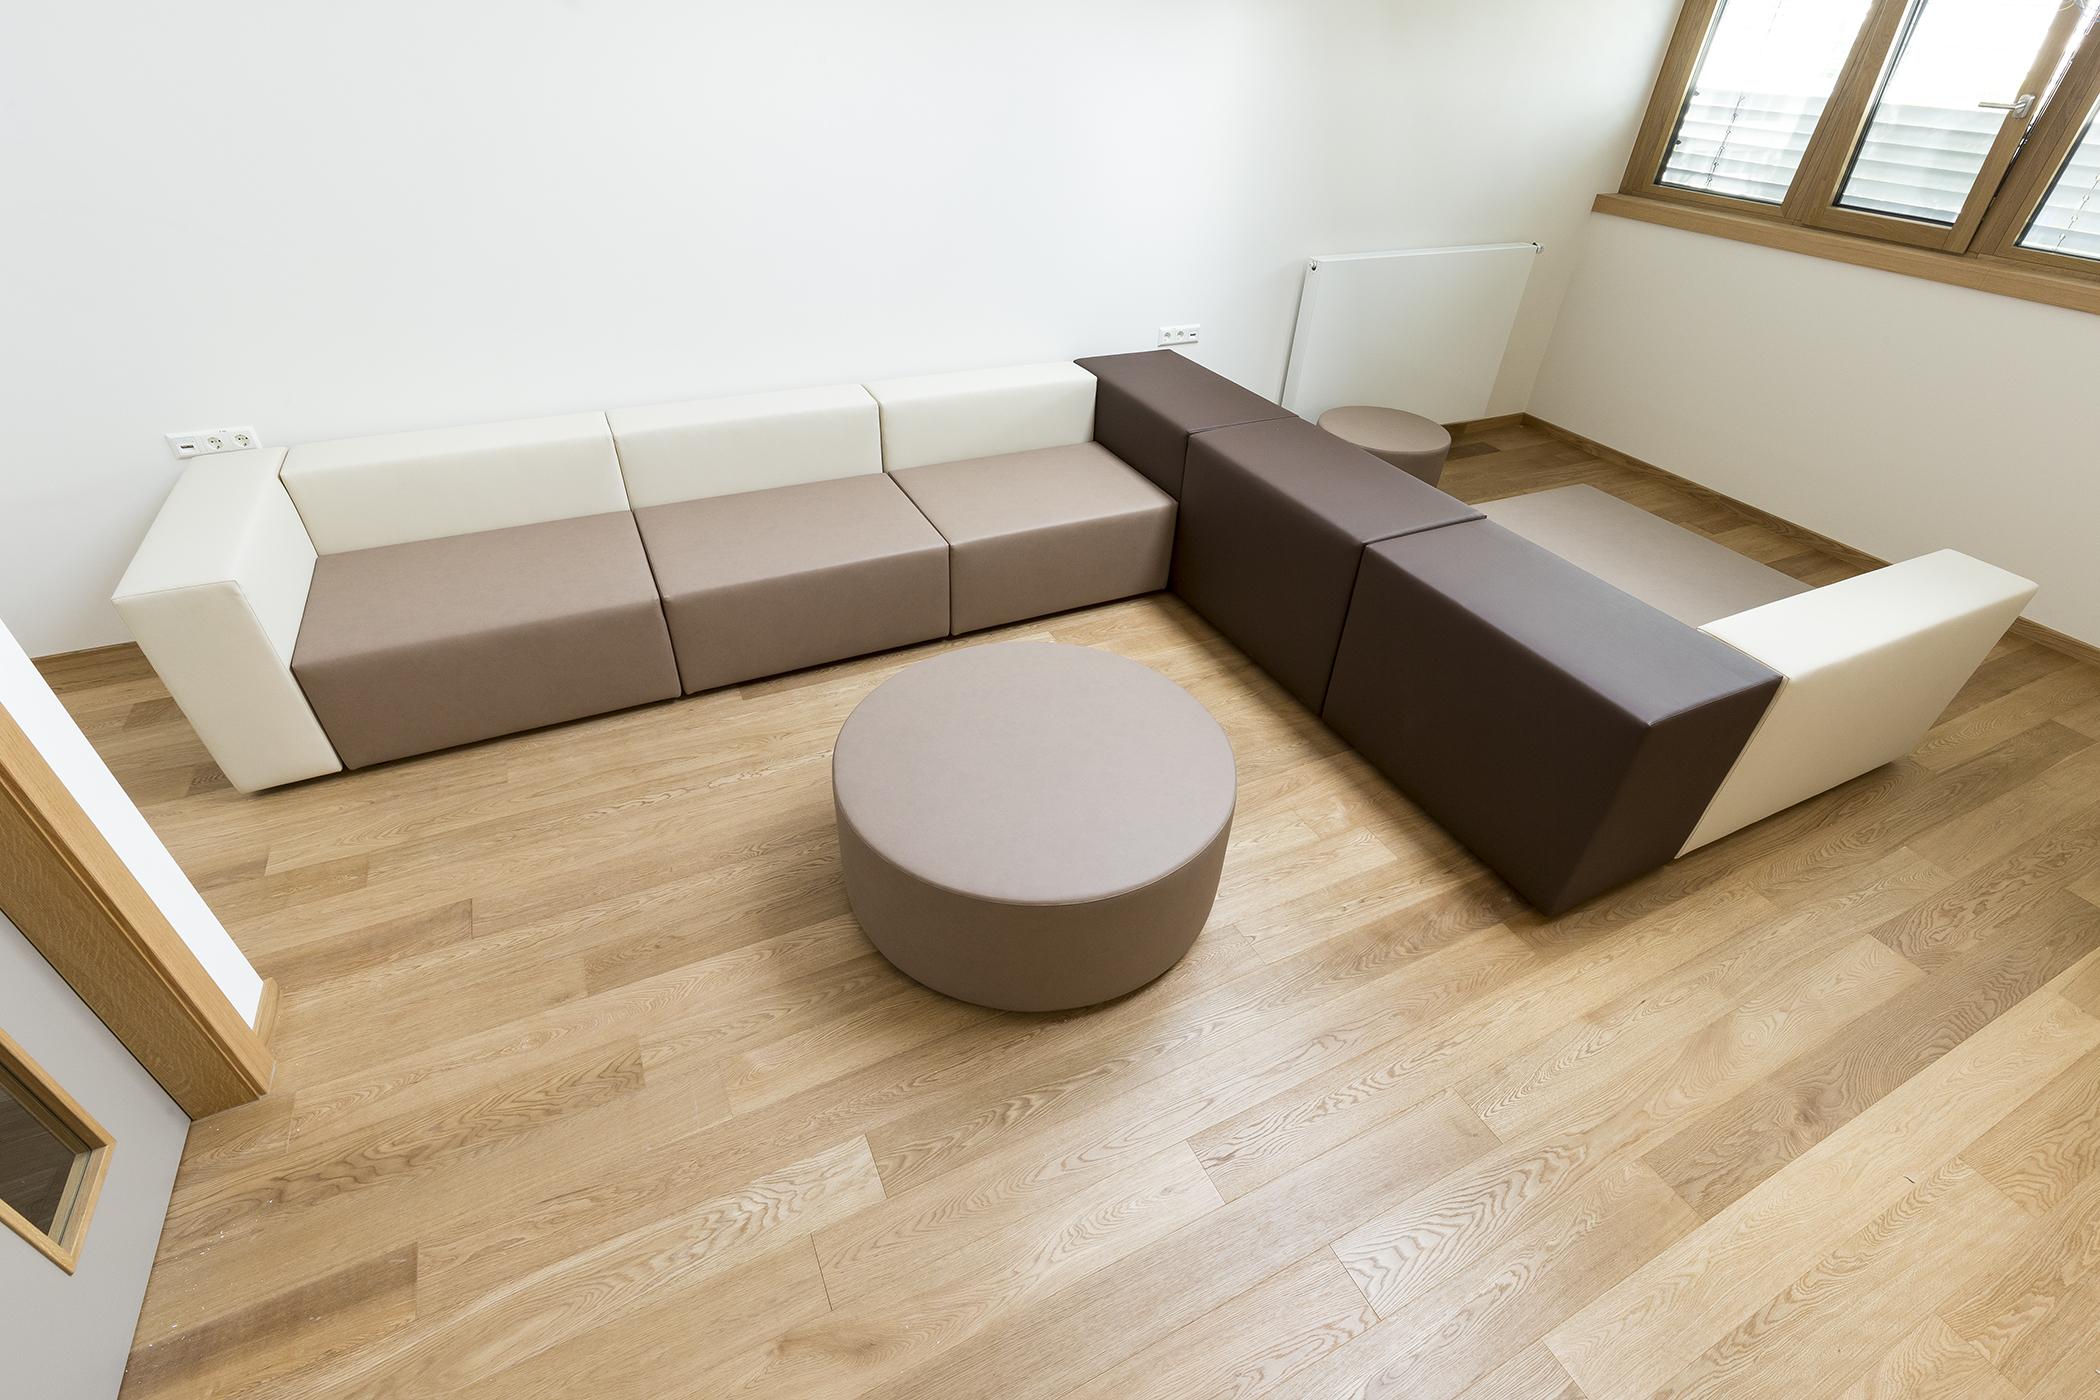 Модульный диван ELEMENT LUXURYSOFAS